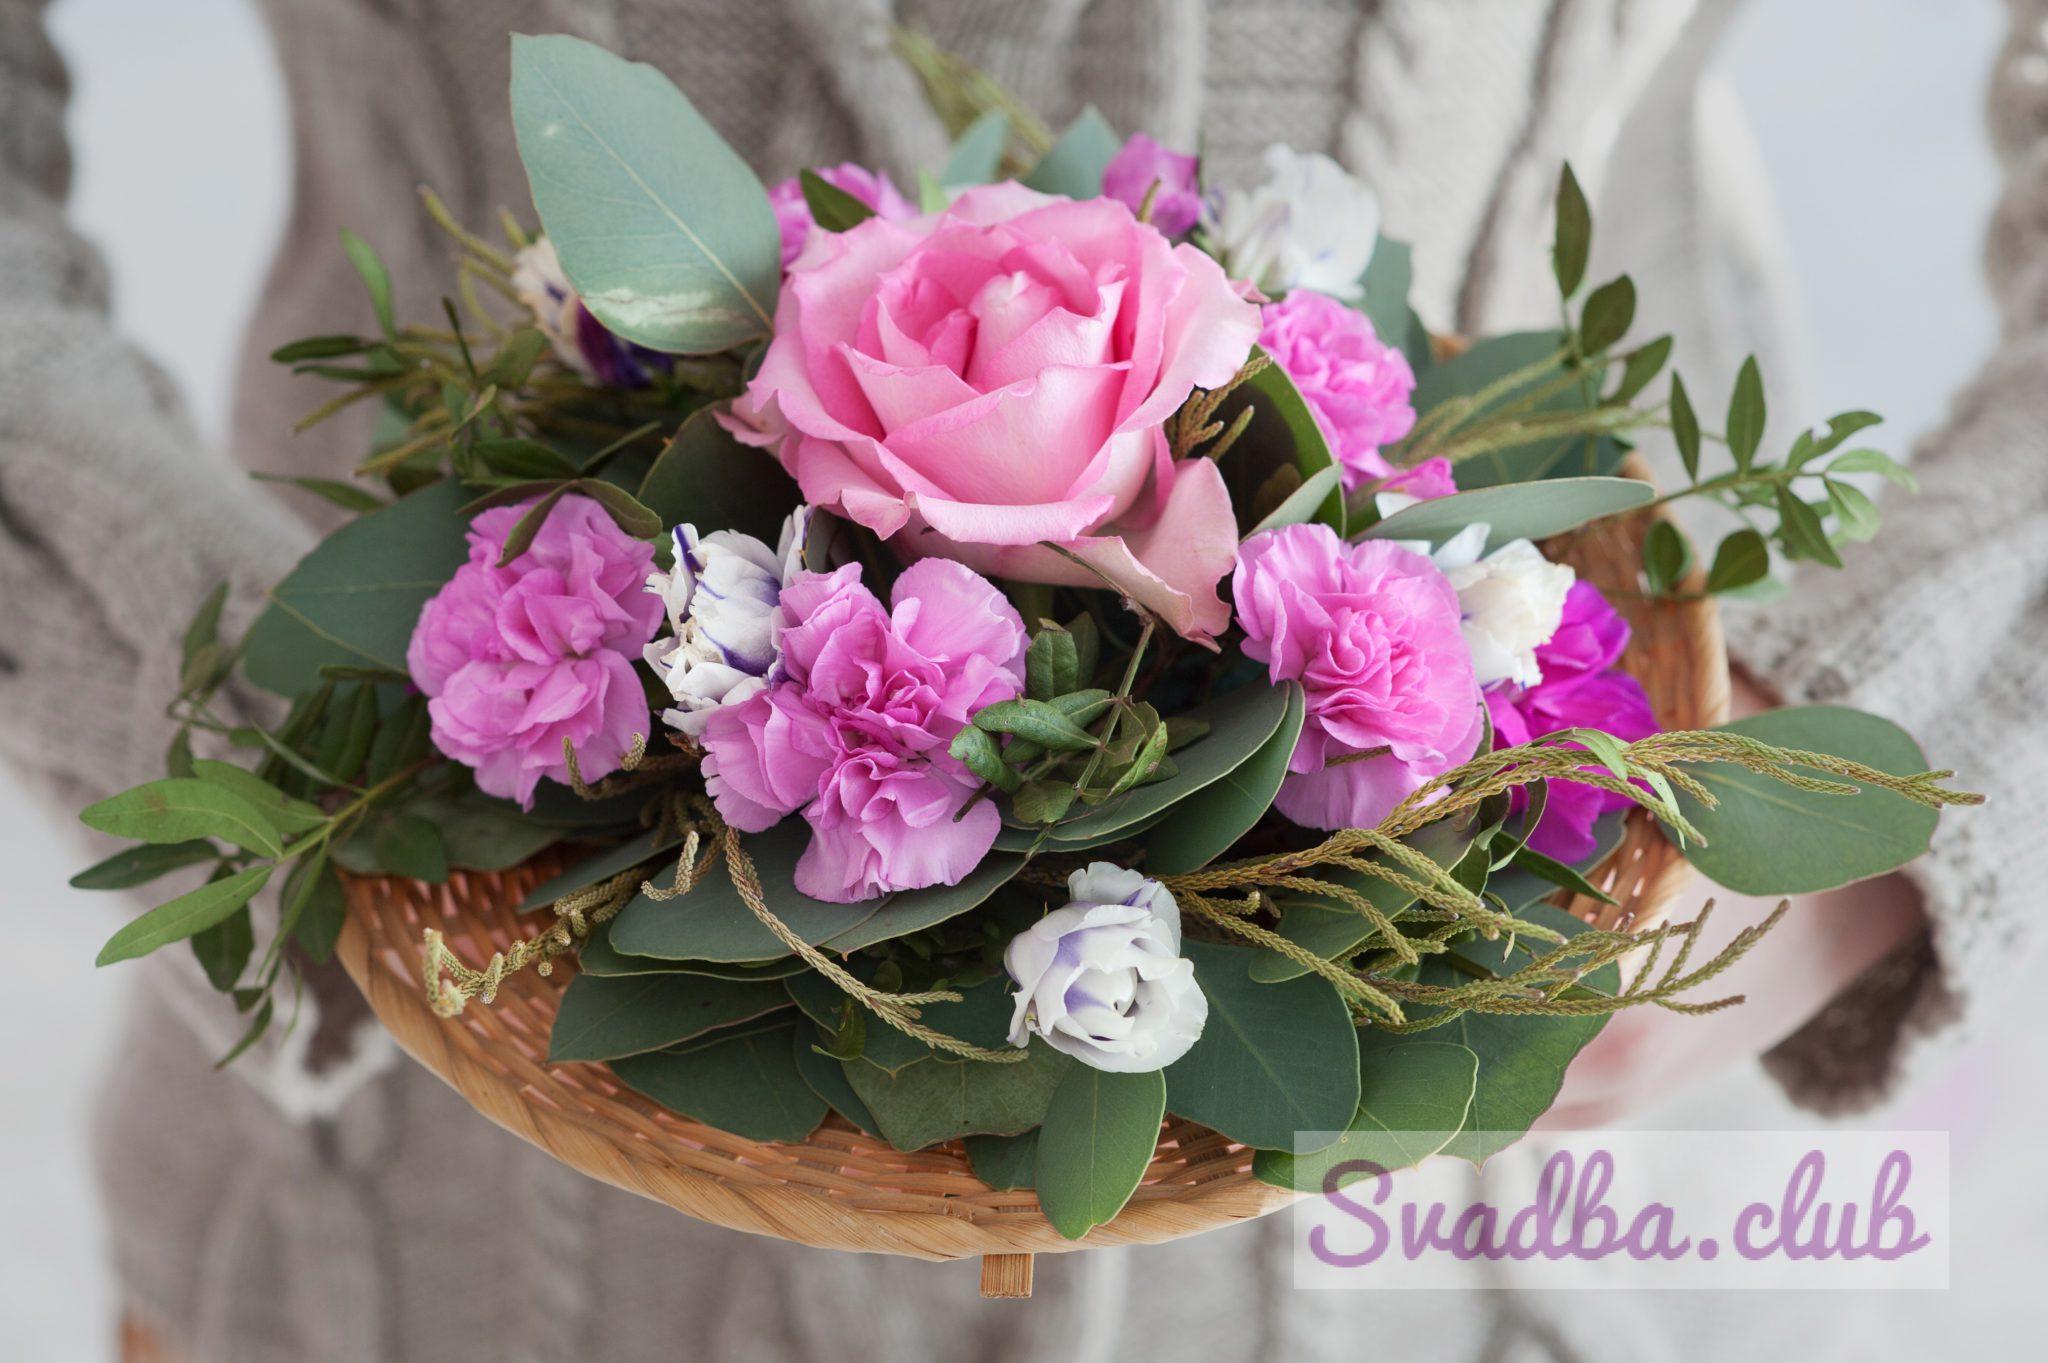 букет из диких роз, гвоздика с зелеными листьями эвкалипта